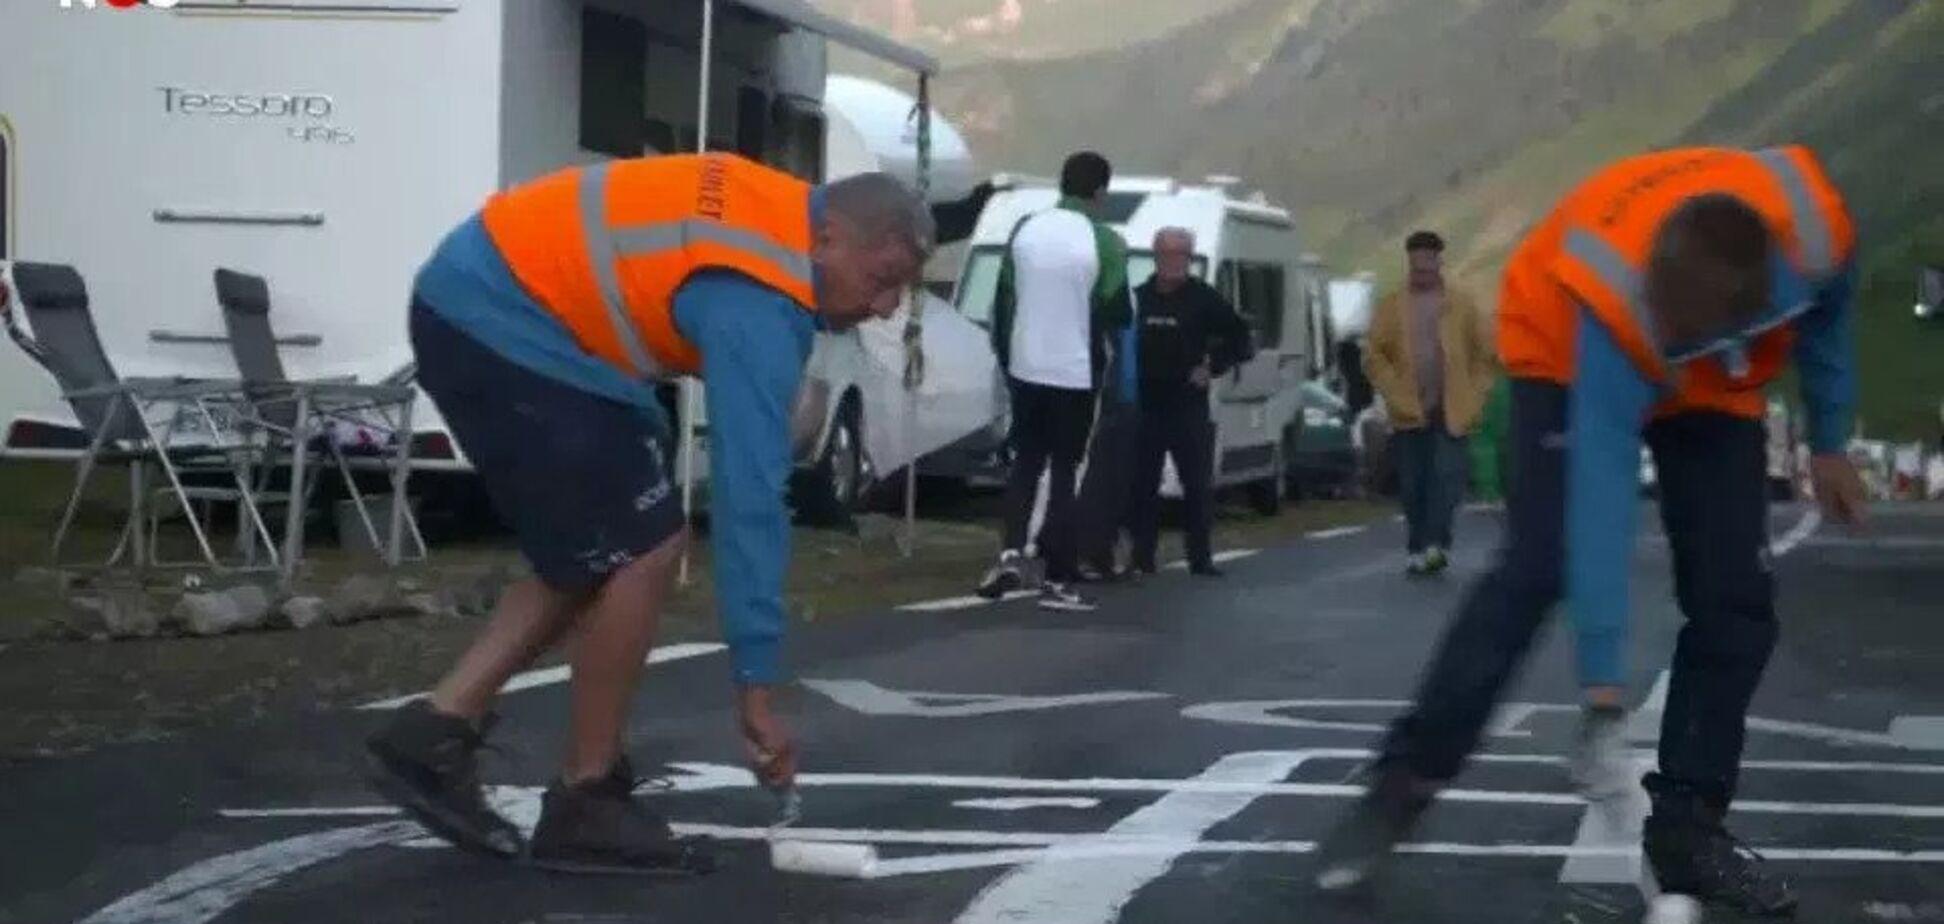 Огромный пенис на 'Тур де Франс' превратили в сову